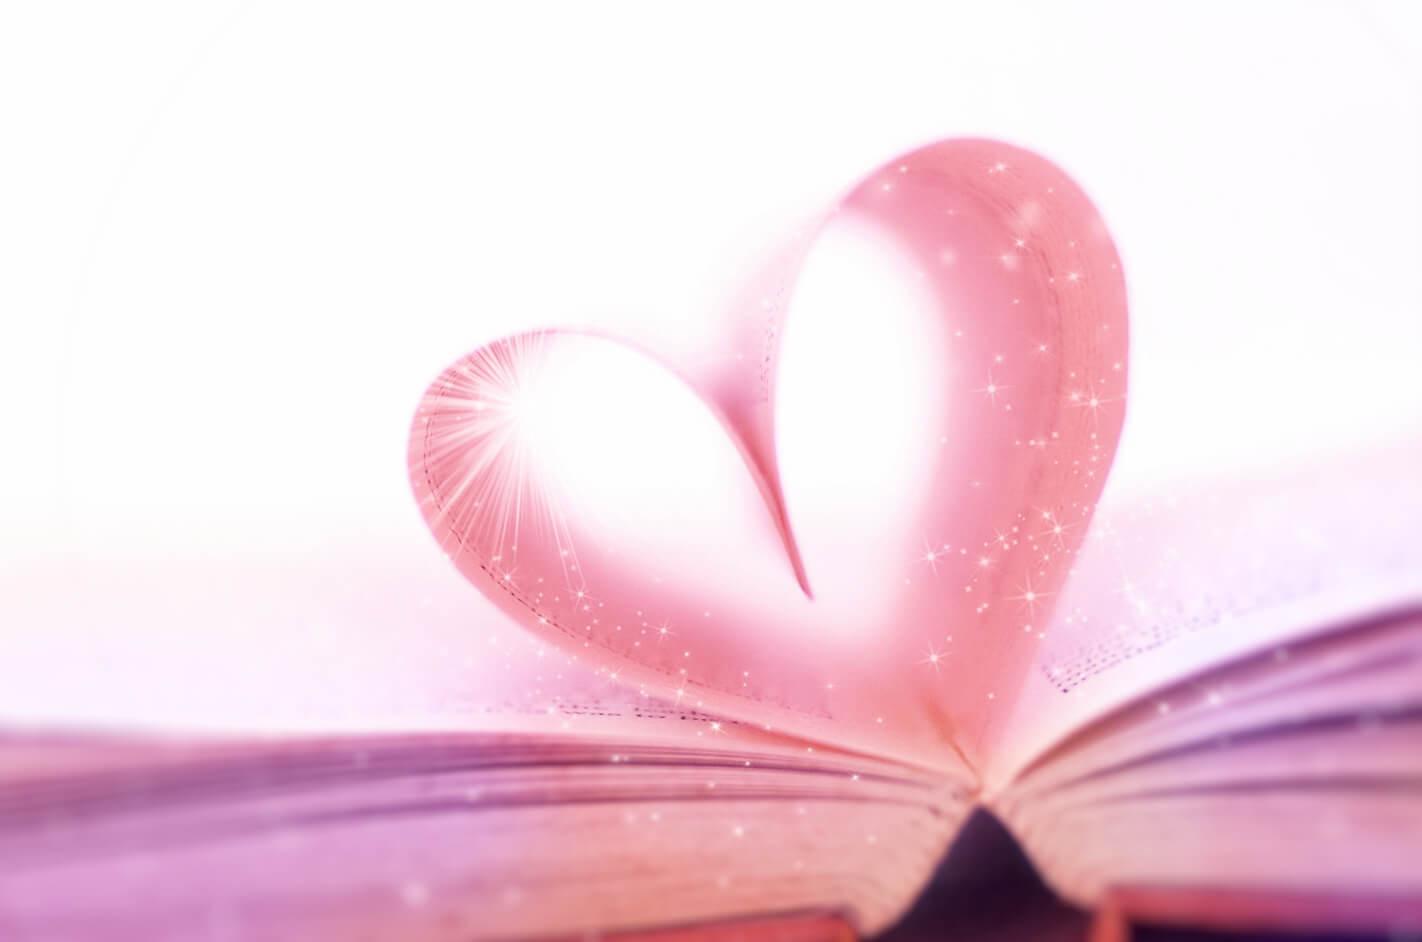 エネルギーが光り輝いているピンク色のハート